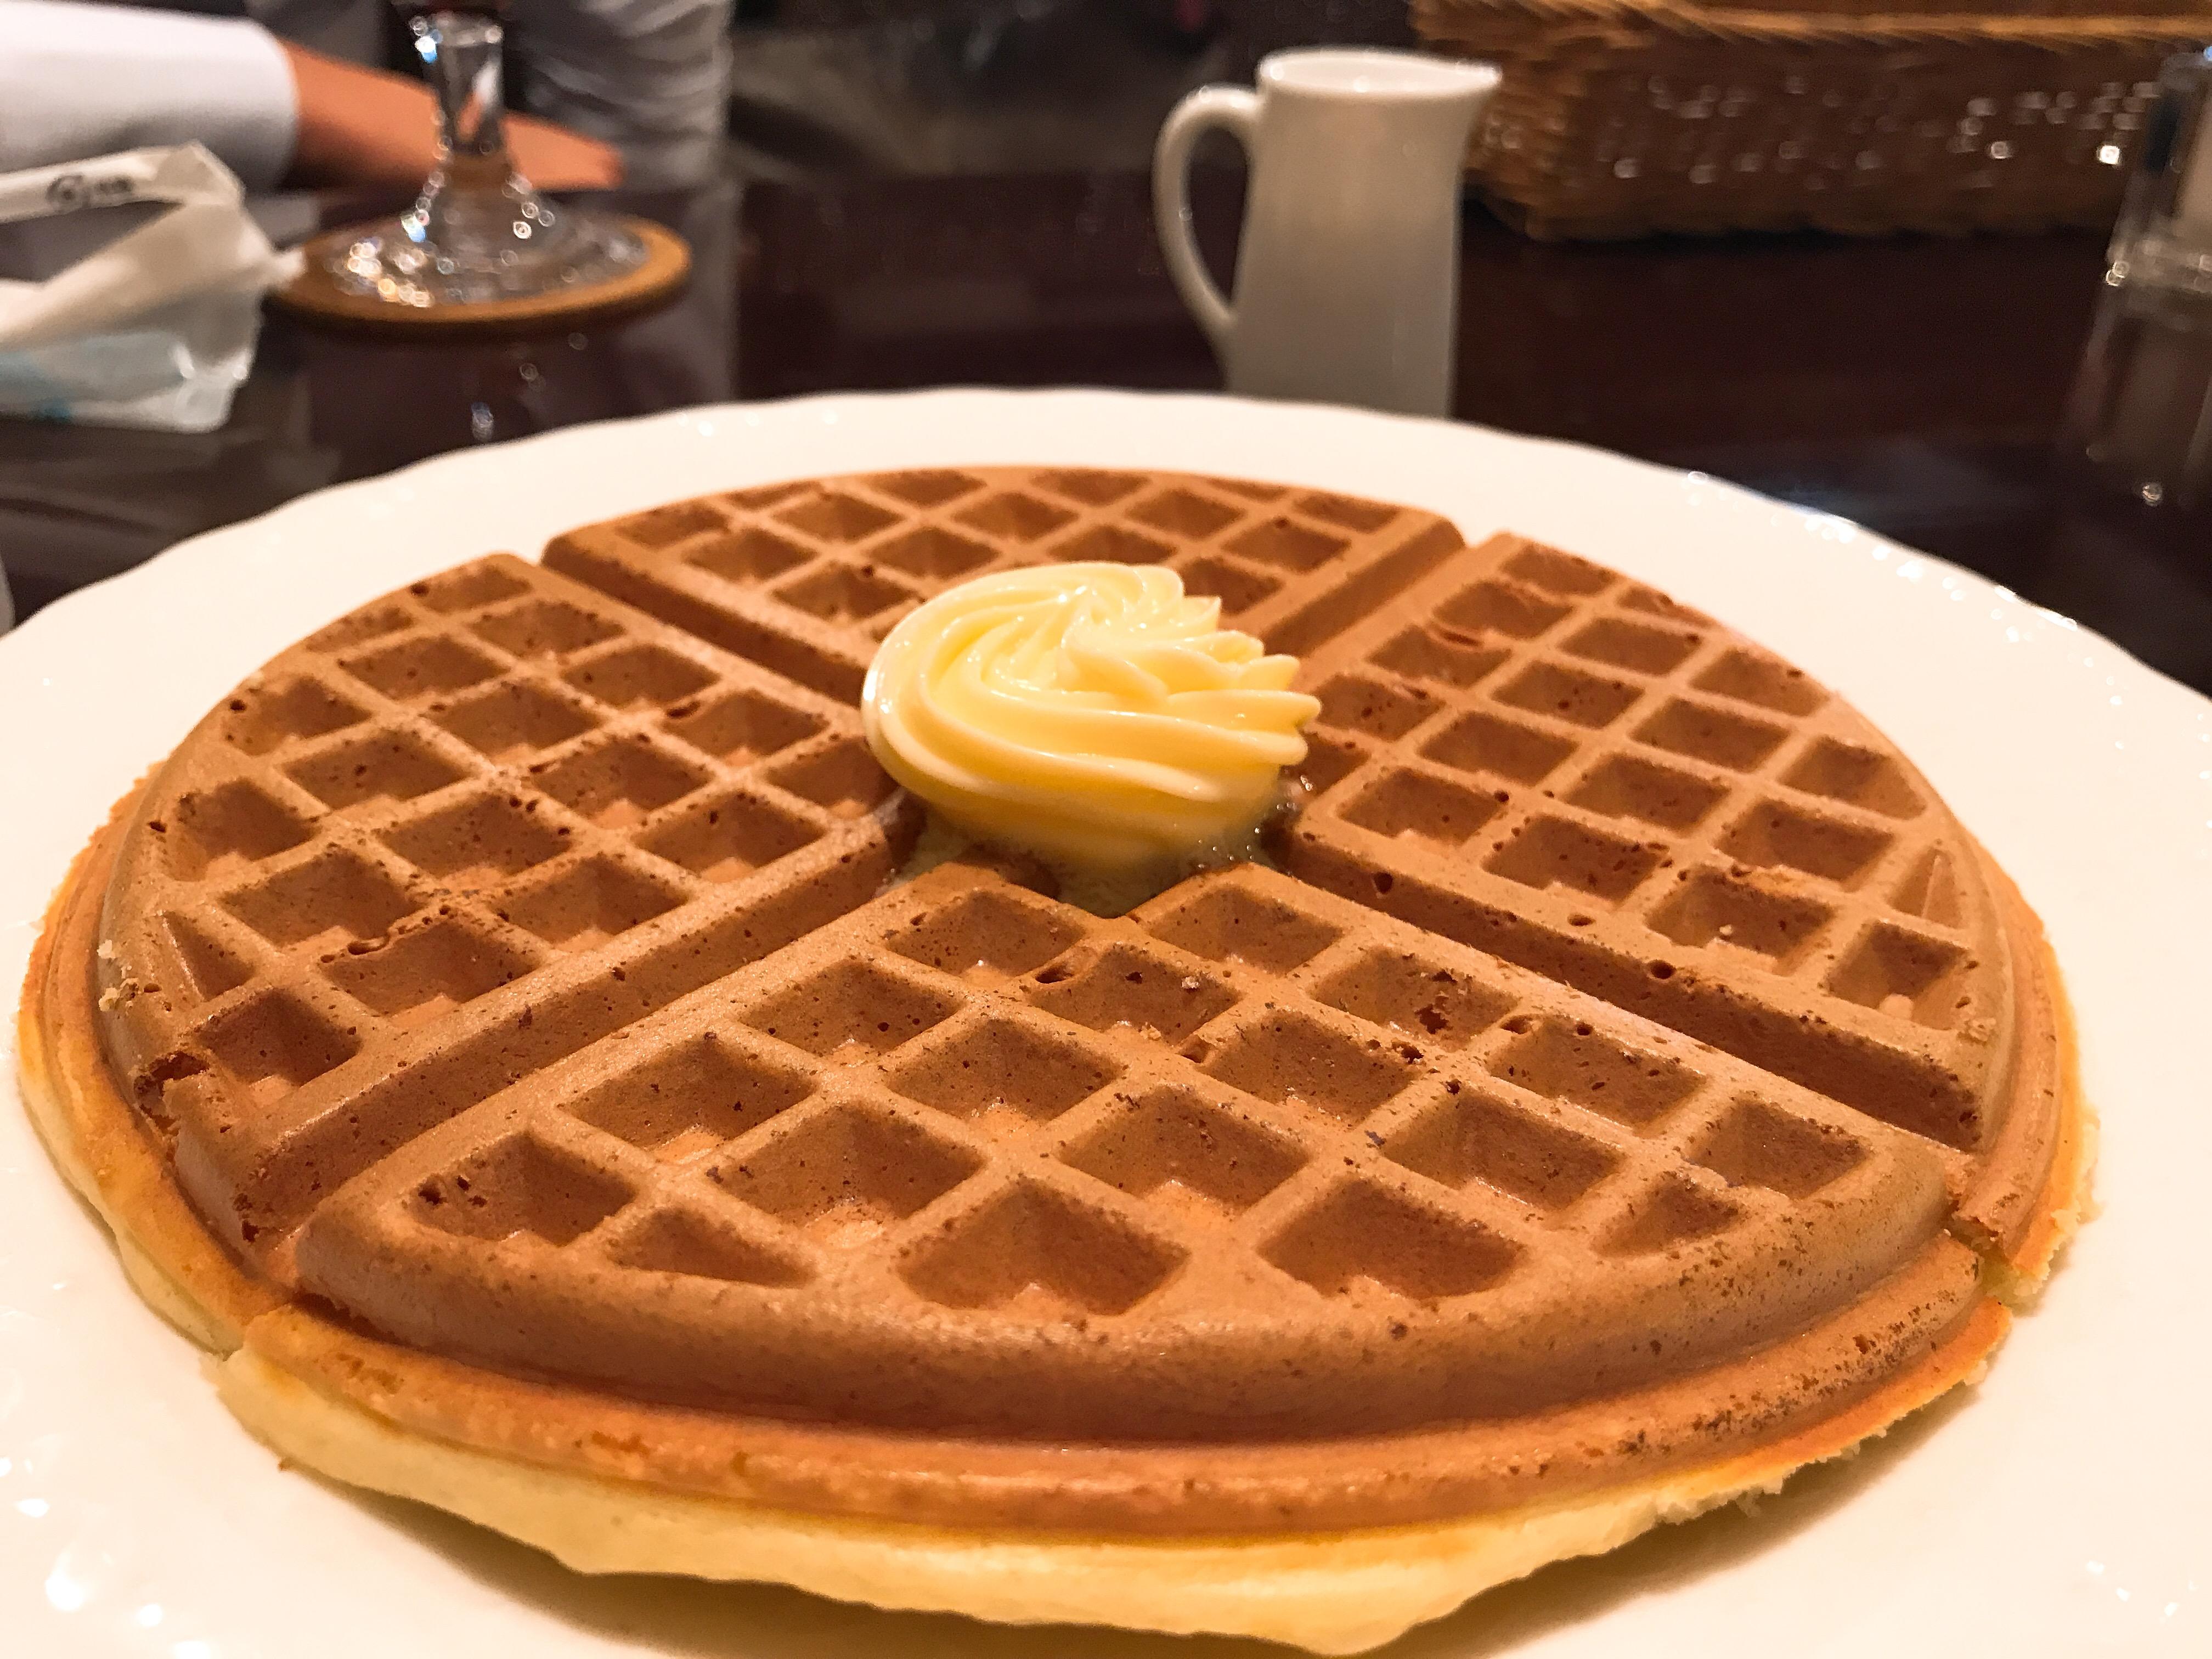 純喫茶で食べる『ワッフル・・・』|好きな食べ物ランキング更新